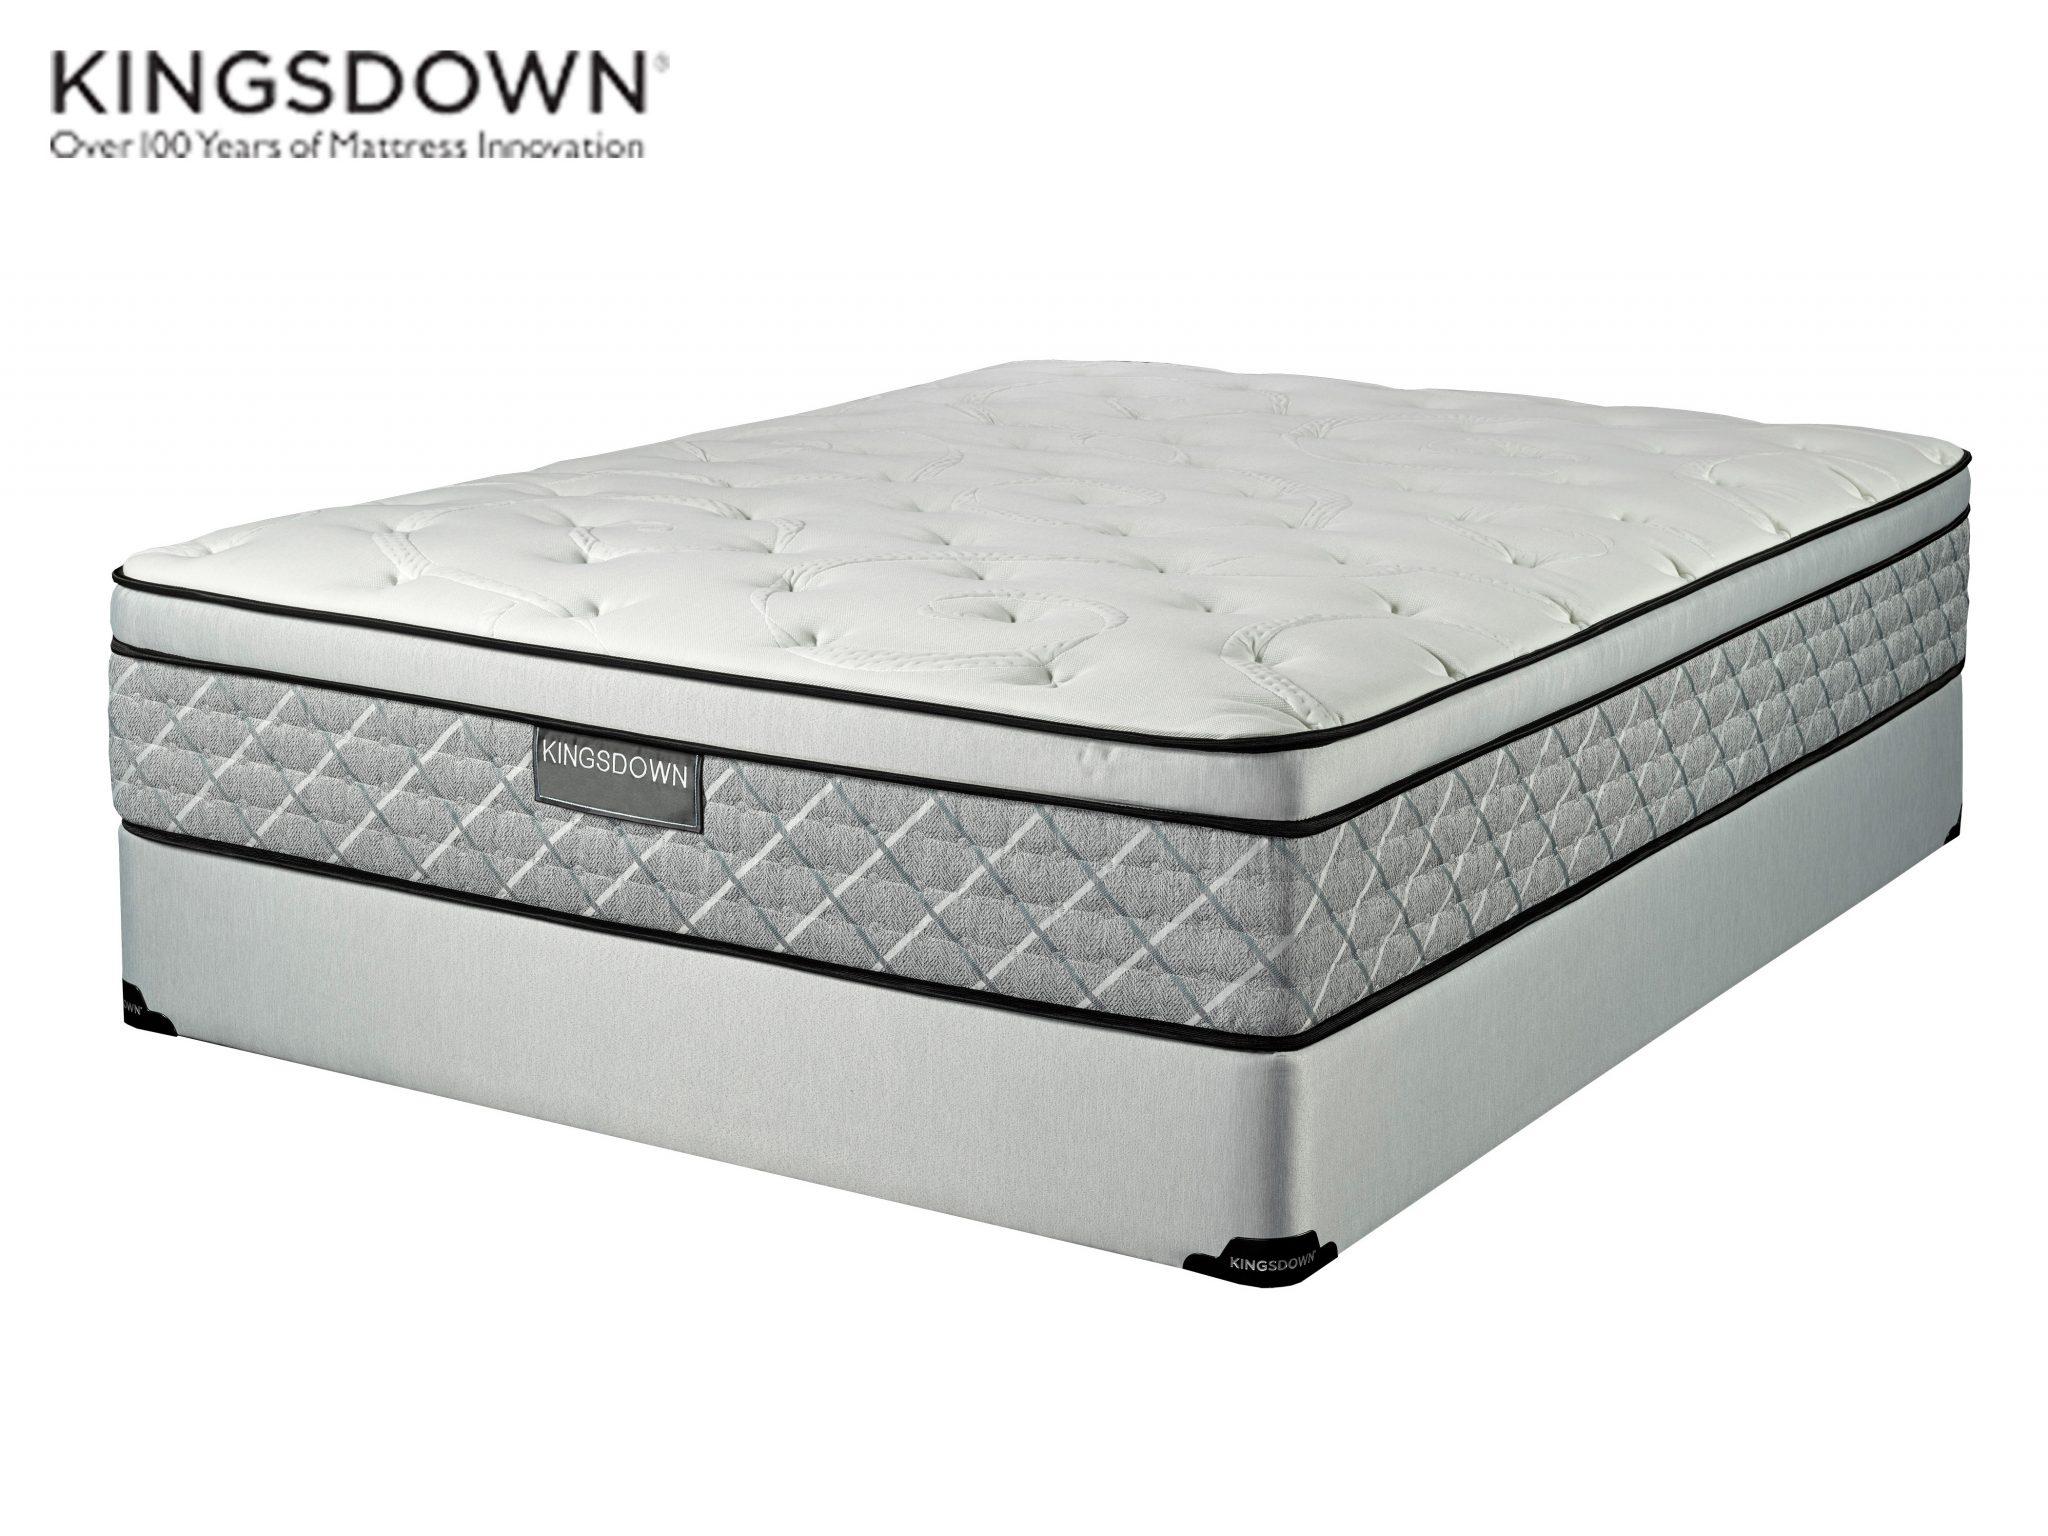 by canada mattresses country mattress sleep hartman kingsdown matelas duet brand